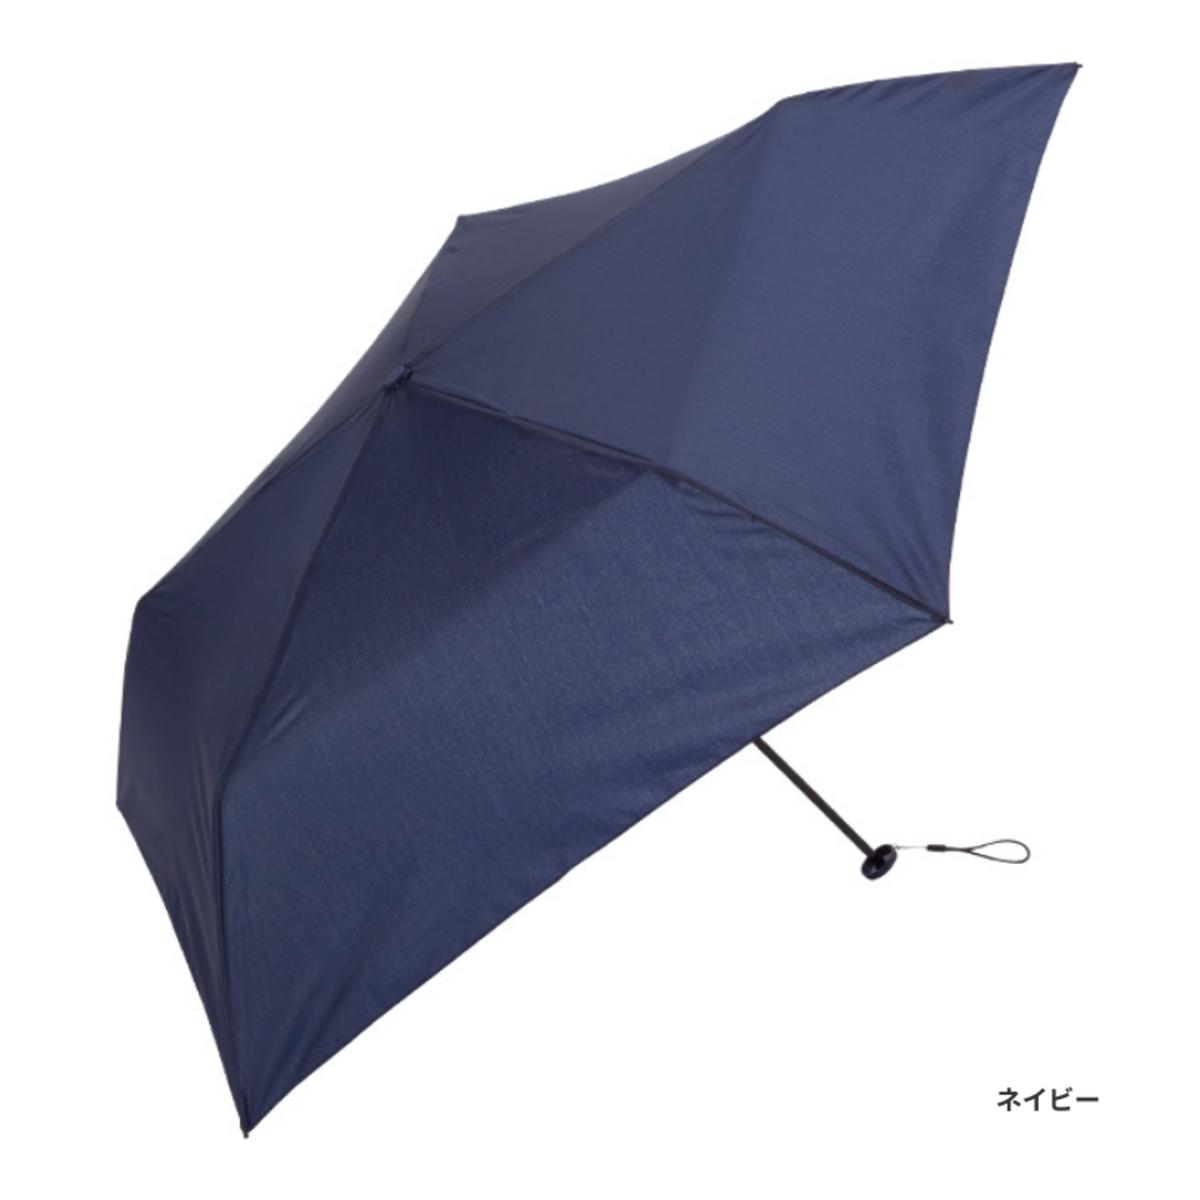 超輕量雨傘 90g - 深藍